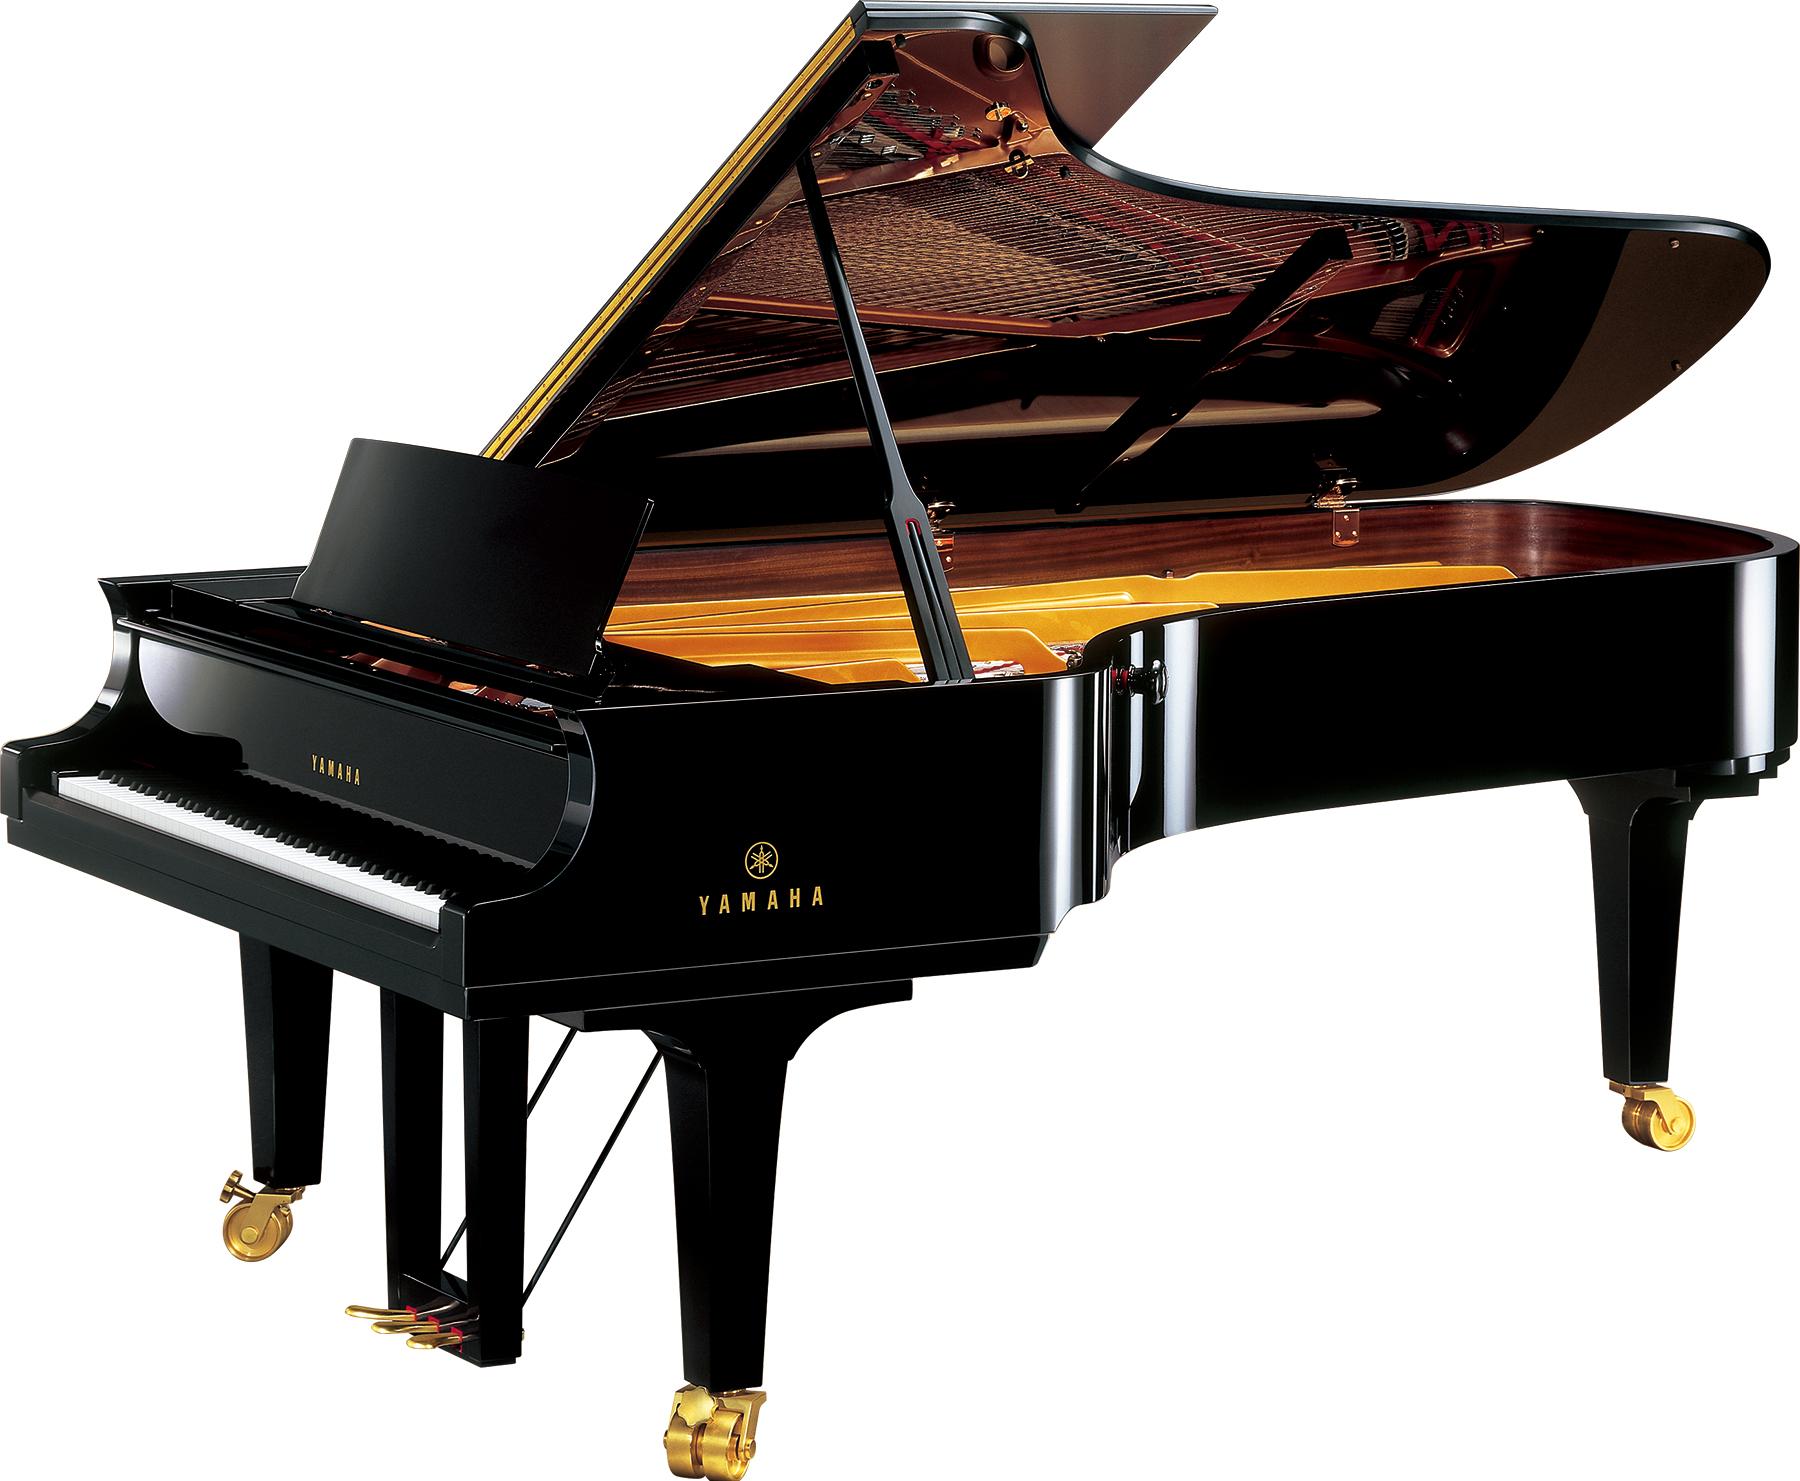 Төгөлдөр хуурын түүх